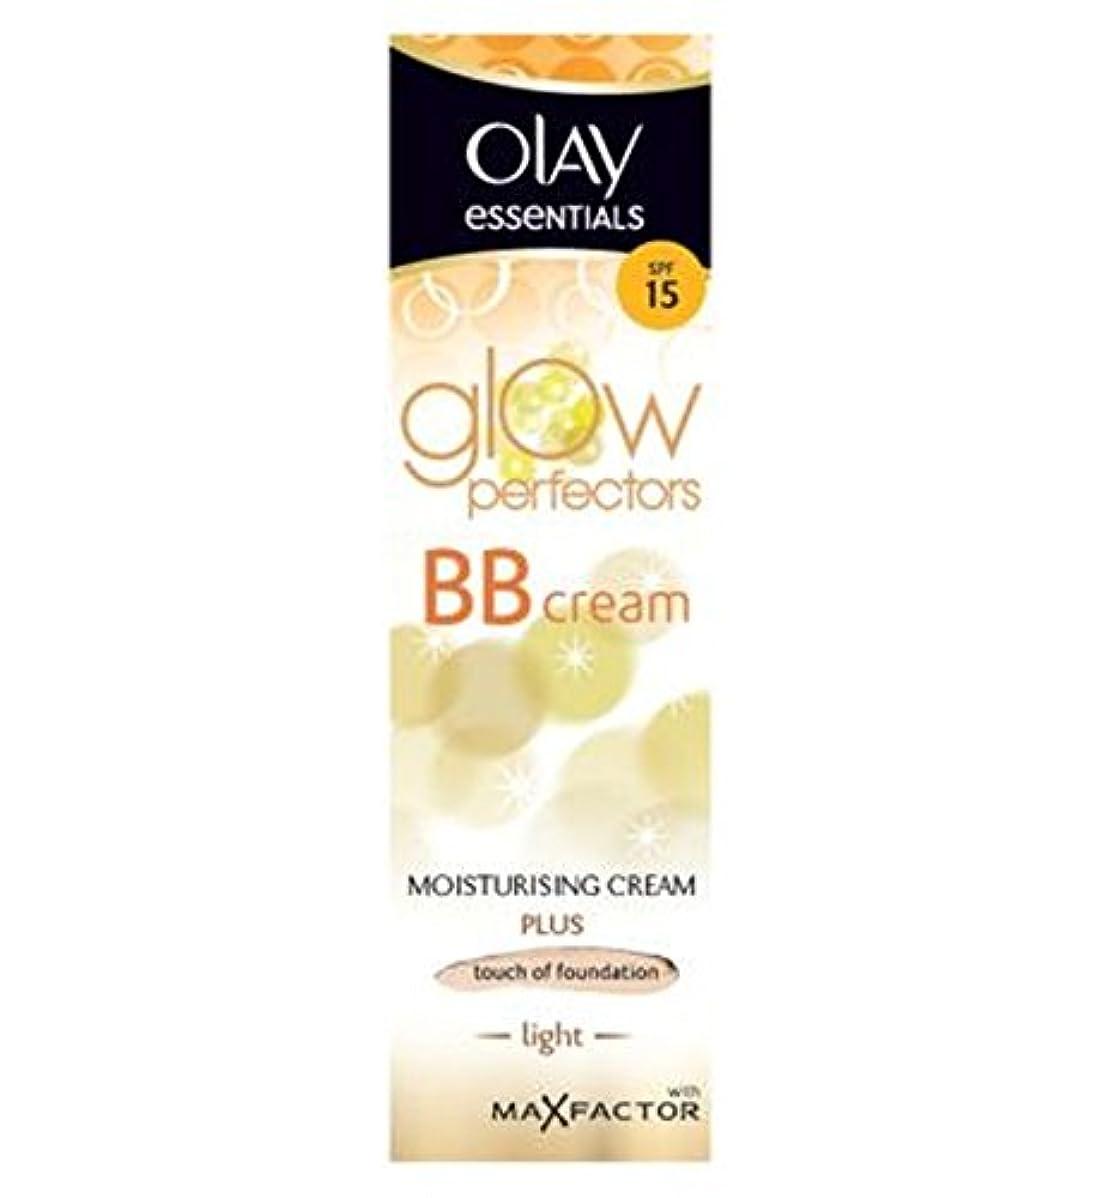 振り向く神秘鋭くOlay Complete BB Cream SPF15 Skin Perfecting Tinted Moisturiser 50ml - Fair - 着色保湿50ミリリットルを完成オーレイ完全なBbクリームSpf15...